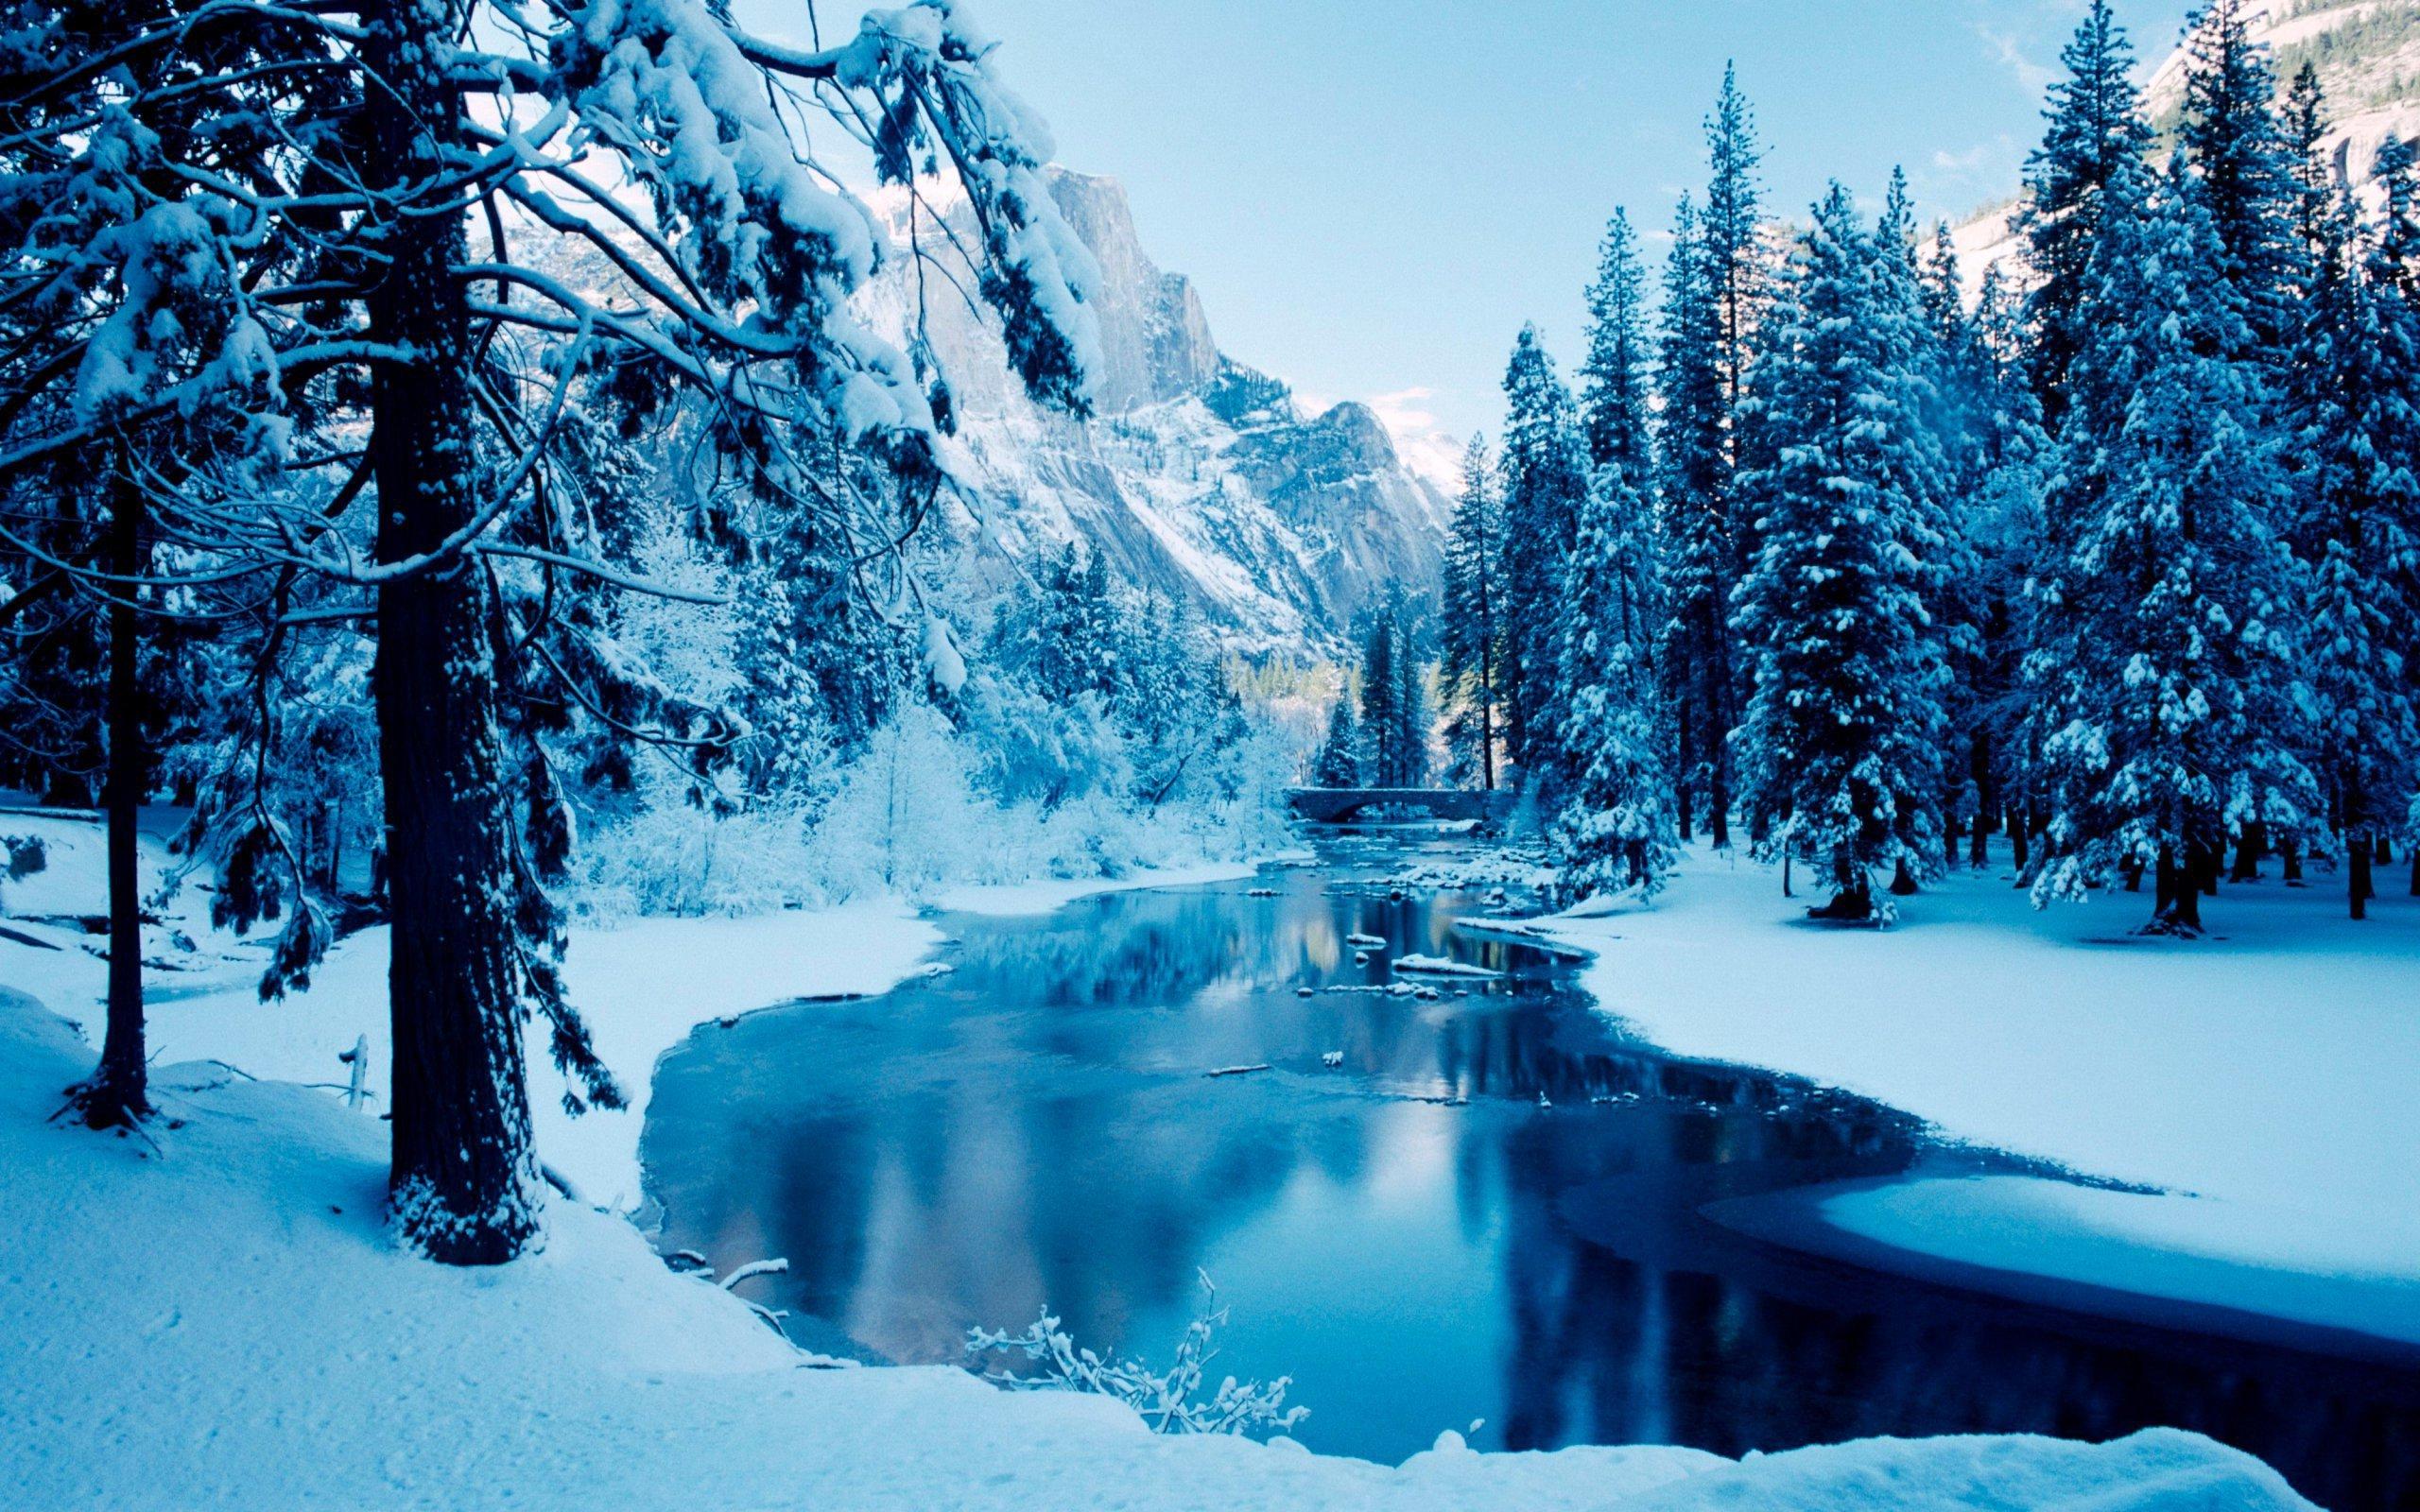 Wallpaper Desktop Winter Scenes 53 images 2560x1600